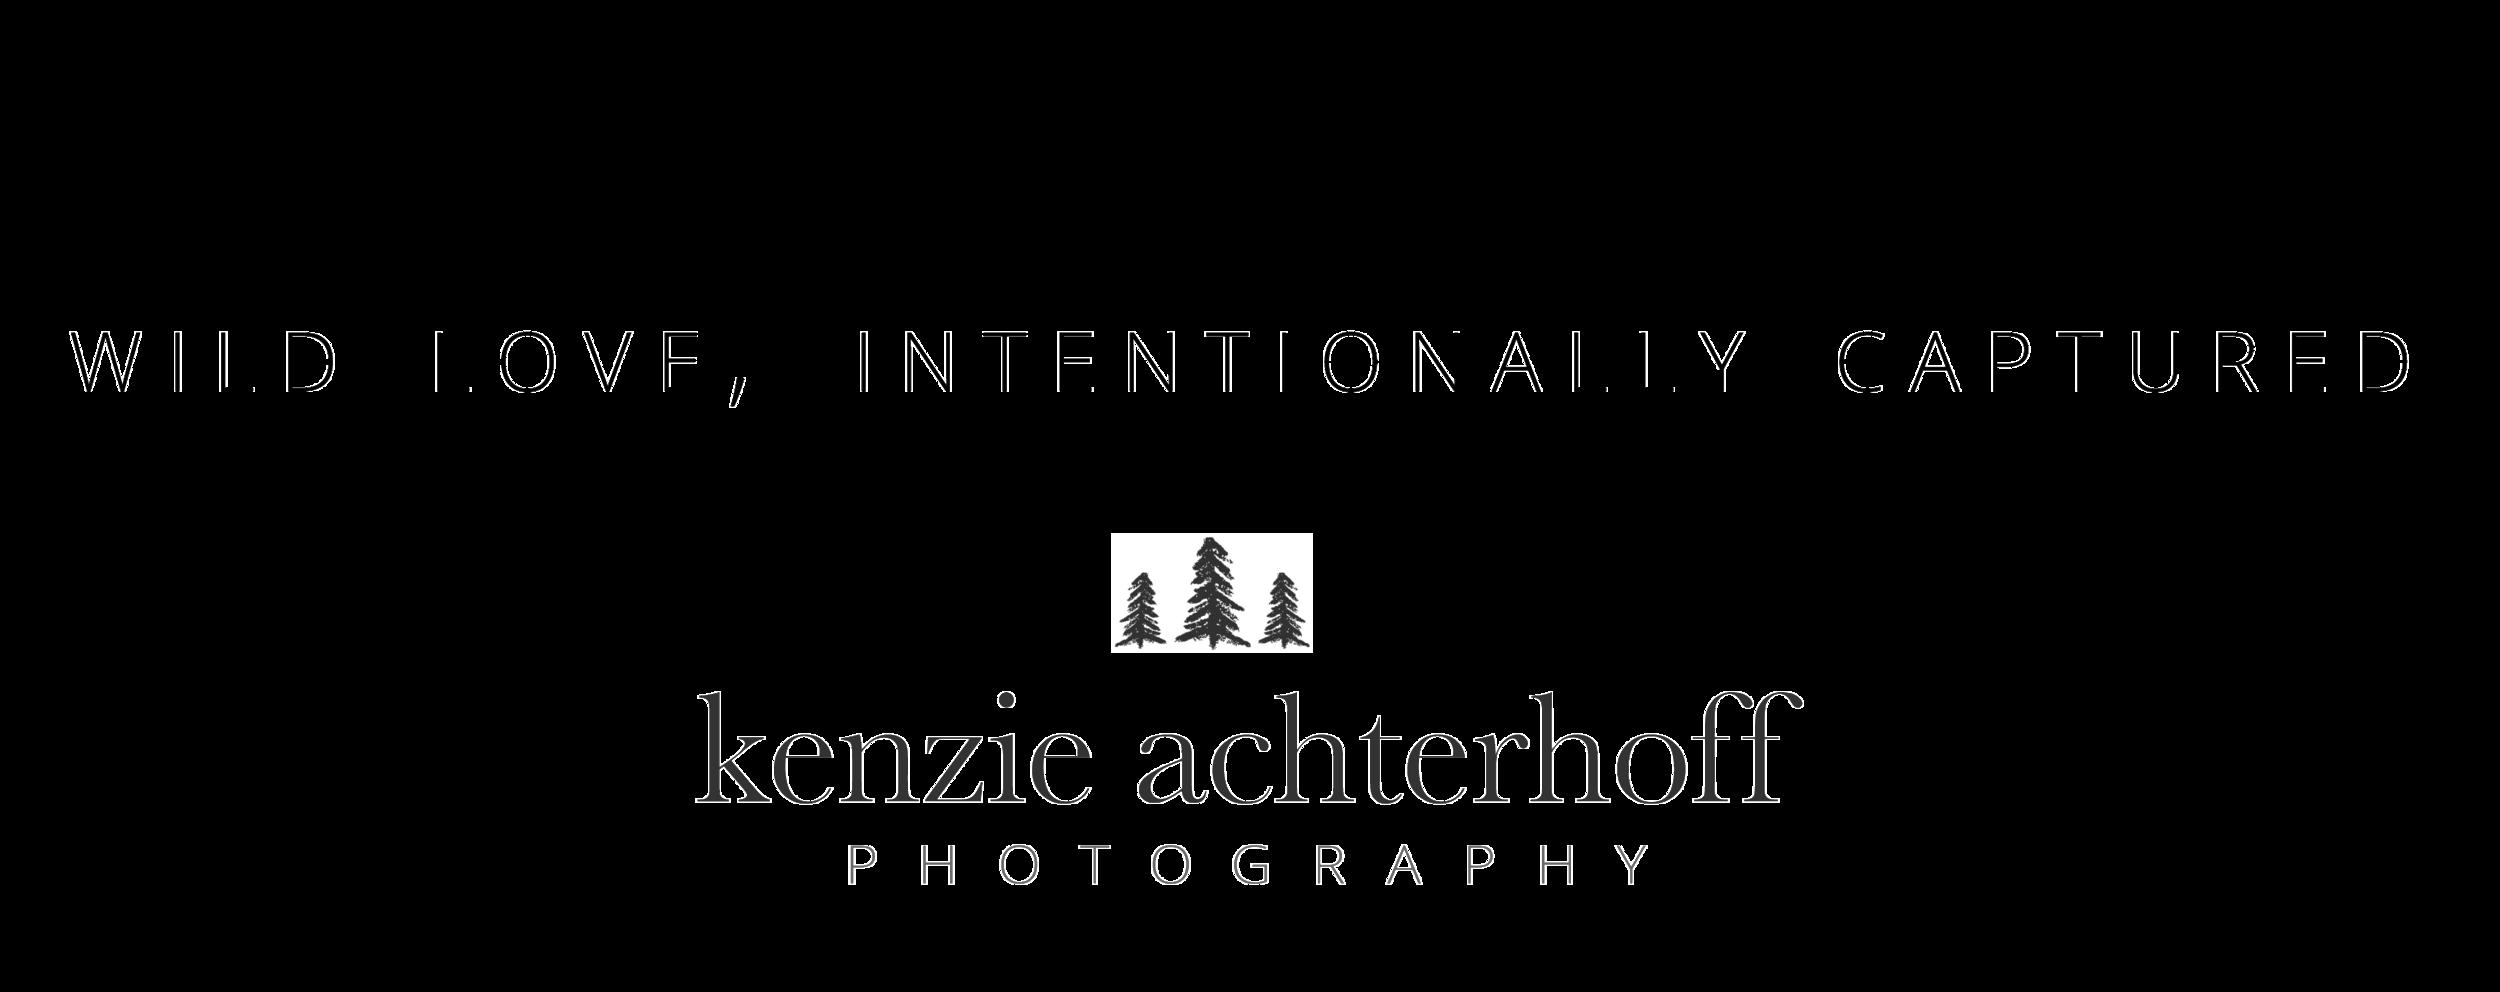 Website-home-logo.png